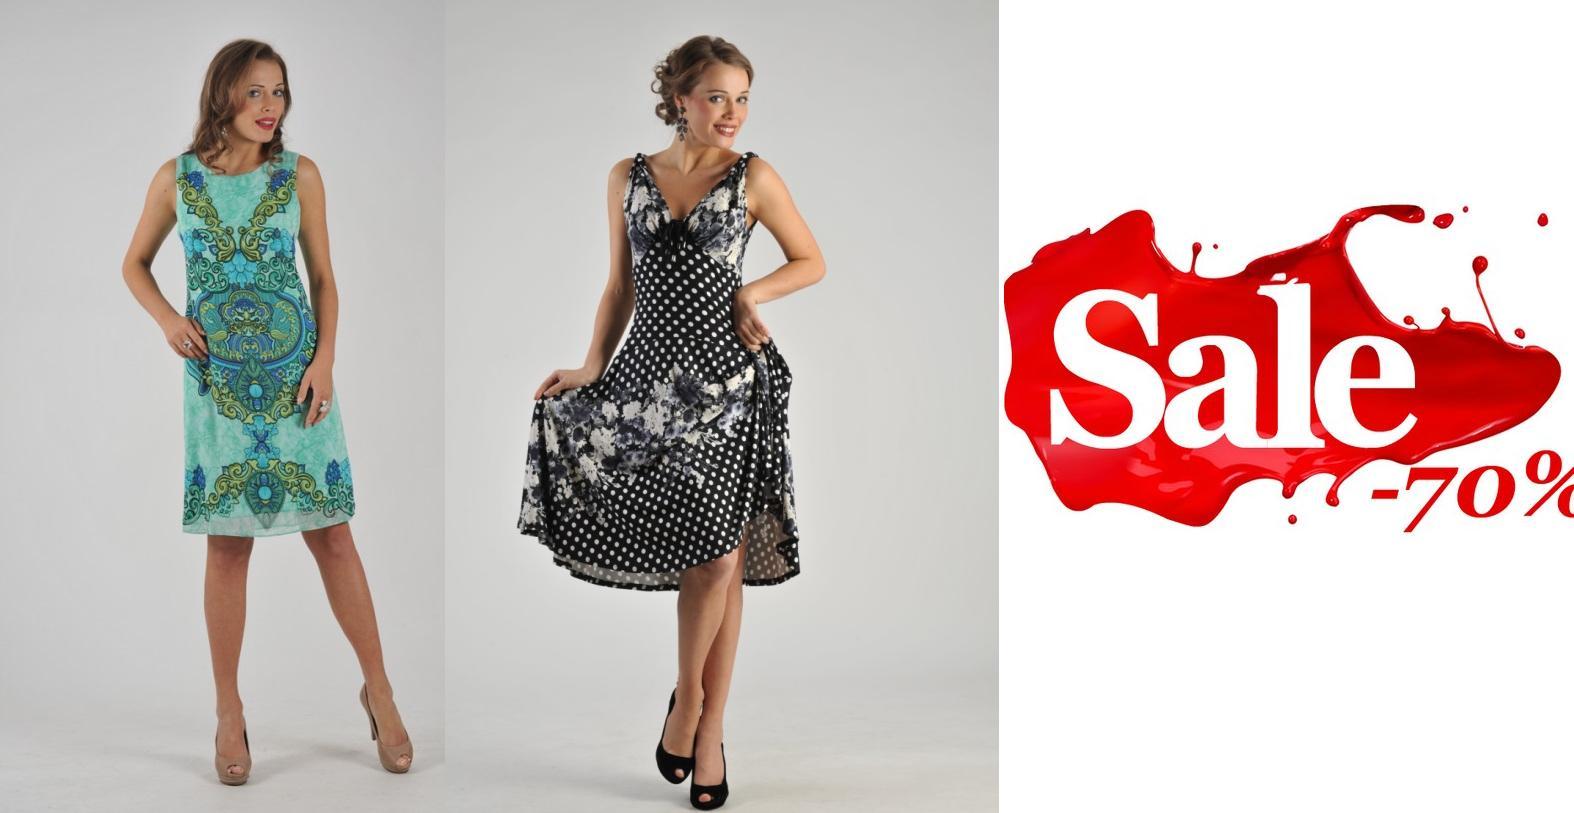 Мода-Л-8. Супер-экспресс. Распродажа! Успей заказать! Скидка 70% на новую летнюю коллекцию! Лучшее качество по невероятно низким ценам! Более 250 моделей платьев, юбок, блузок. Стоп 11 августа!